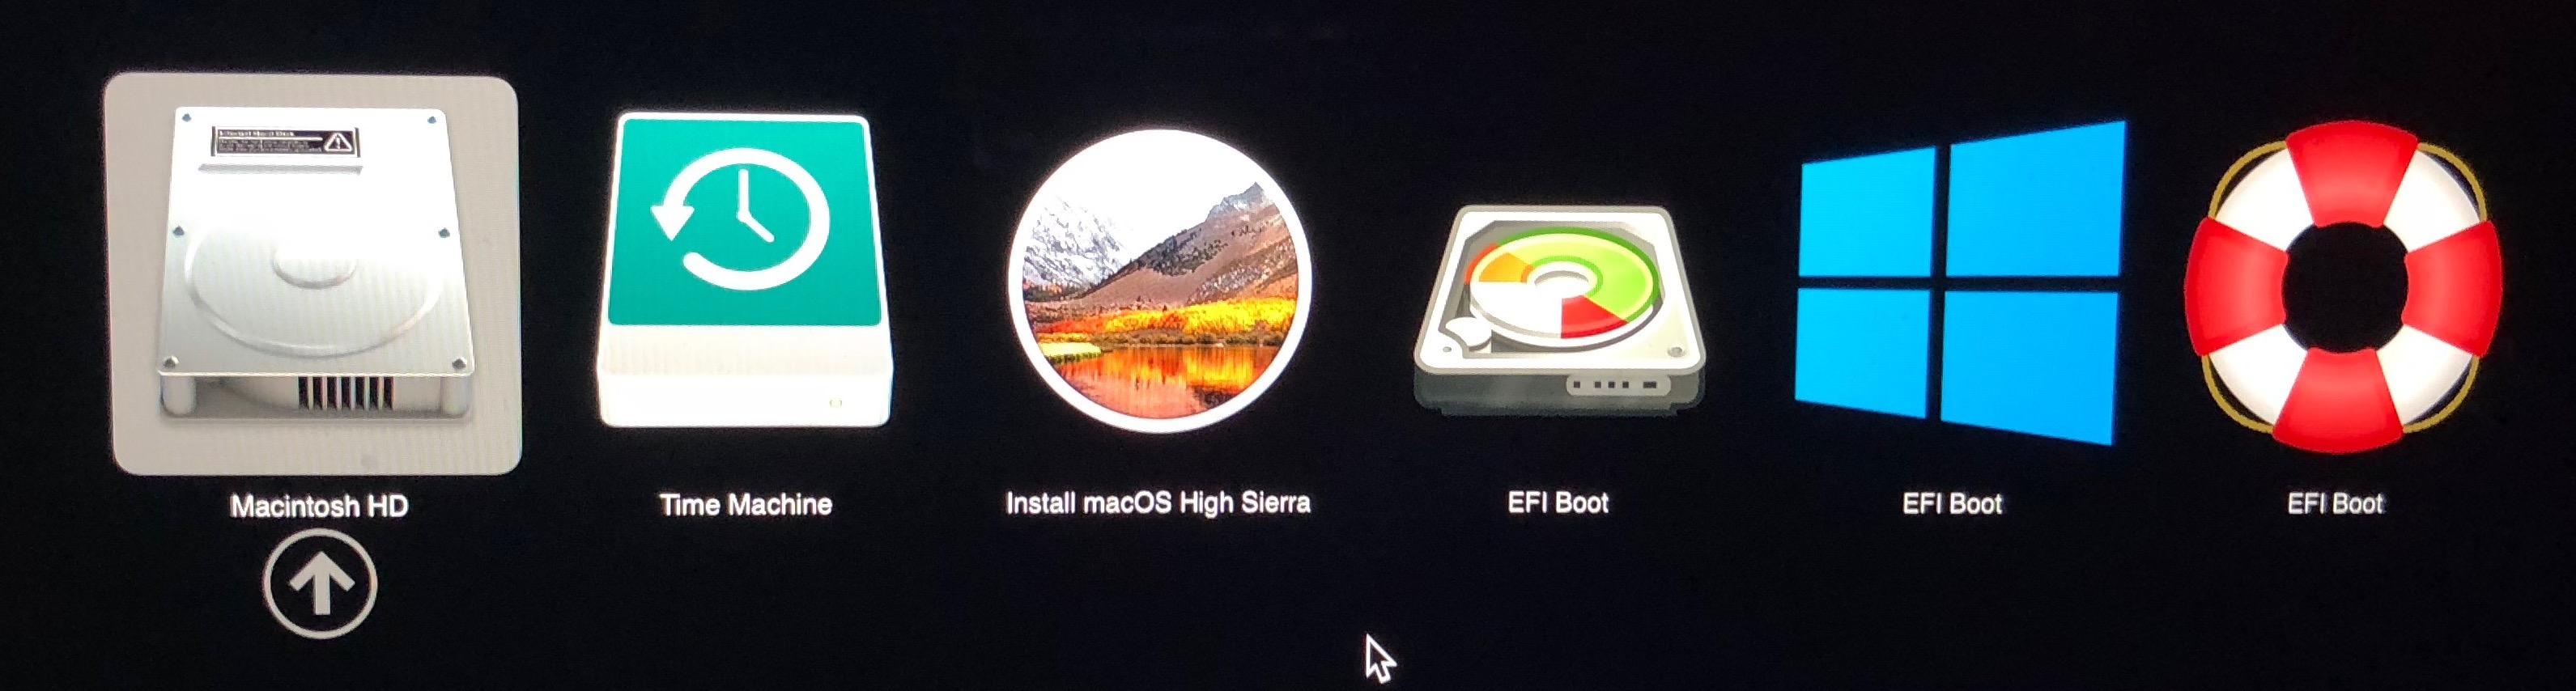 如何制作一个能重装 4 种系统的 U 盘